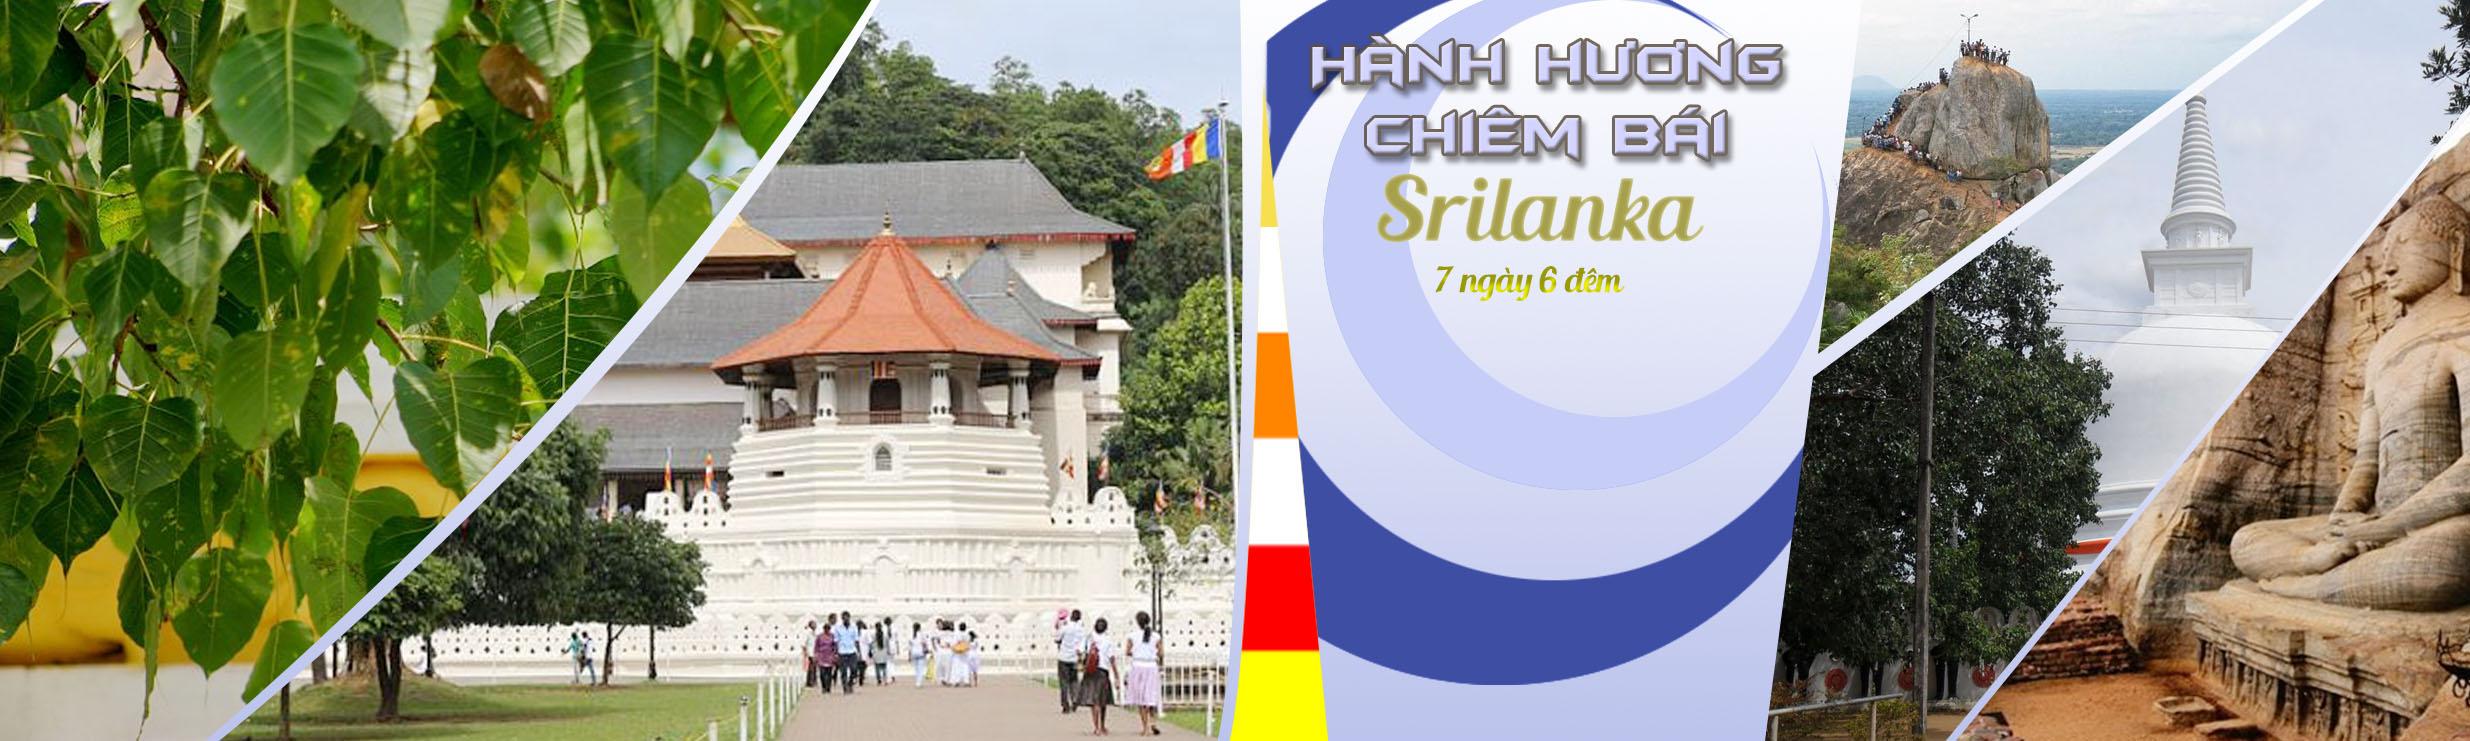 Tour hành hương chiêm bái Srilanka